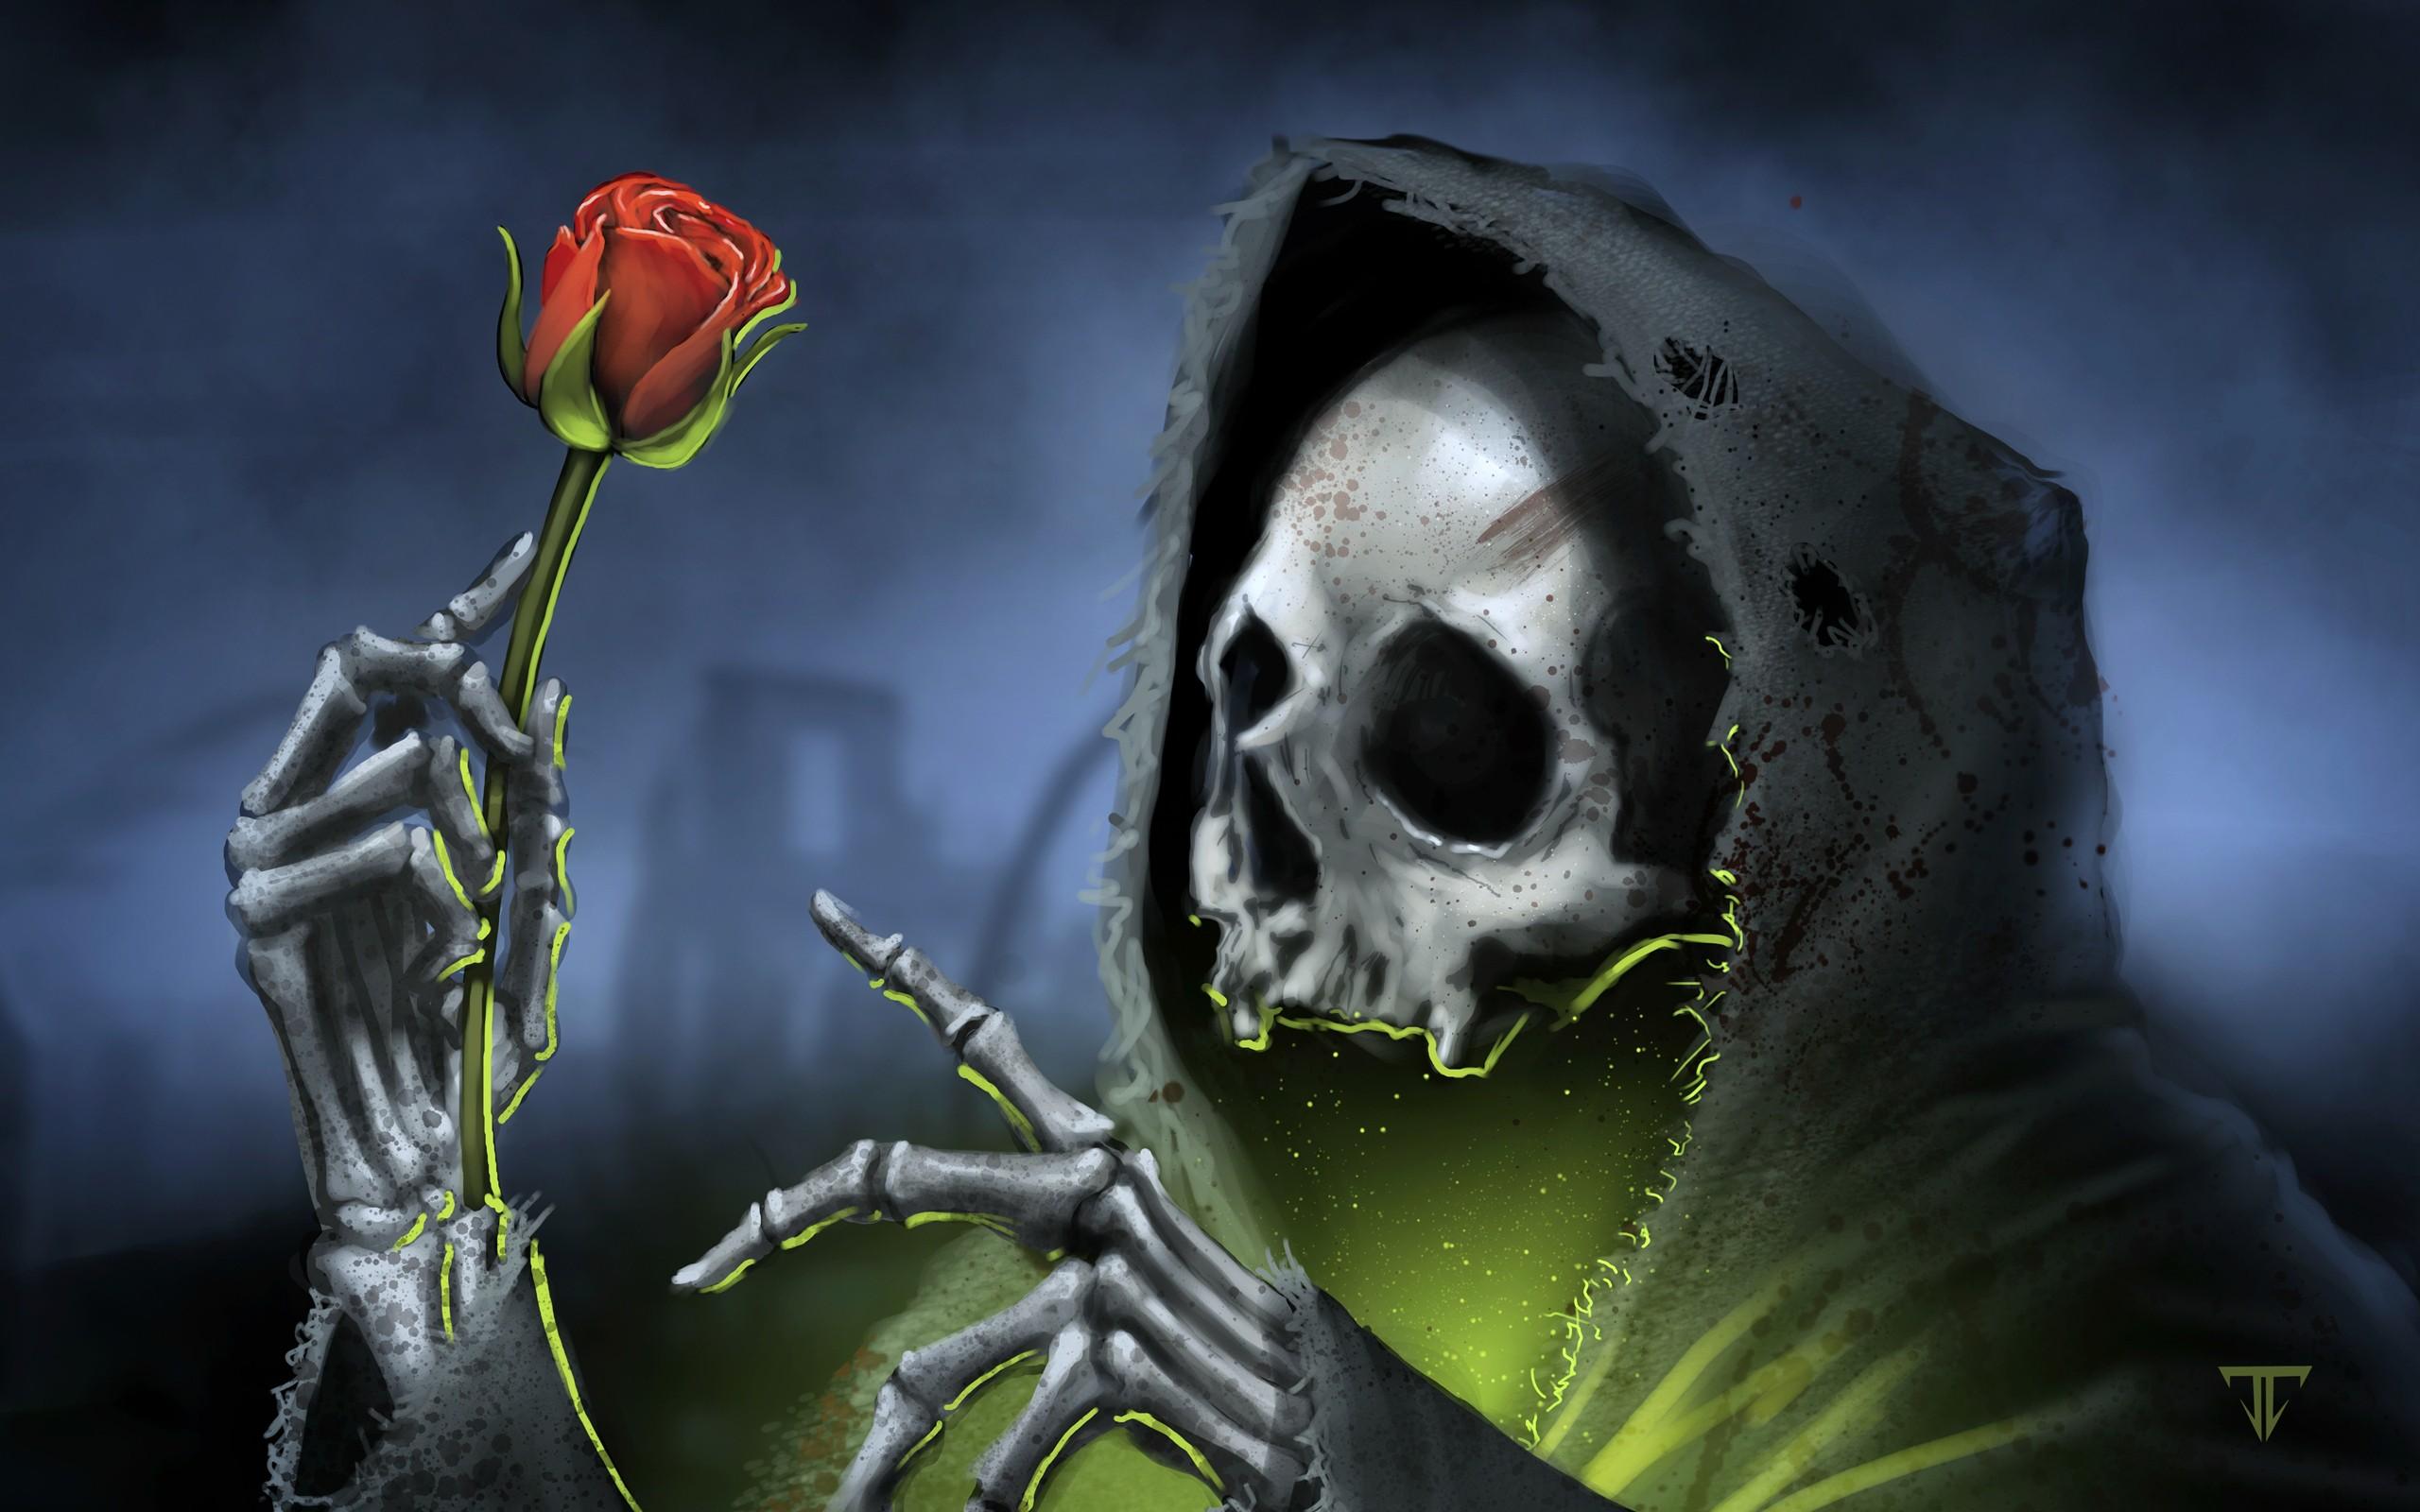 фэнтези графика женщина Grim Reaper  № 3256196 загрузить